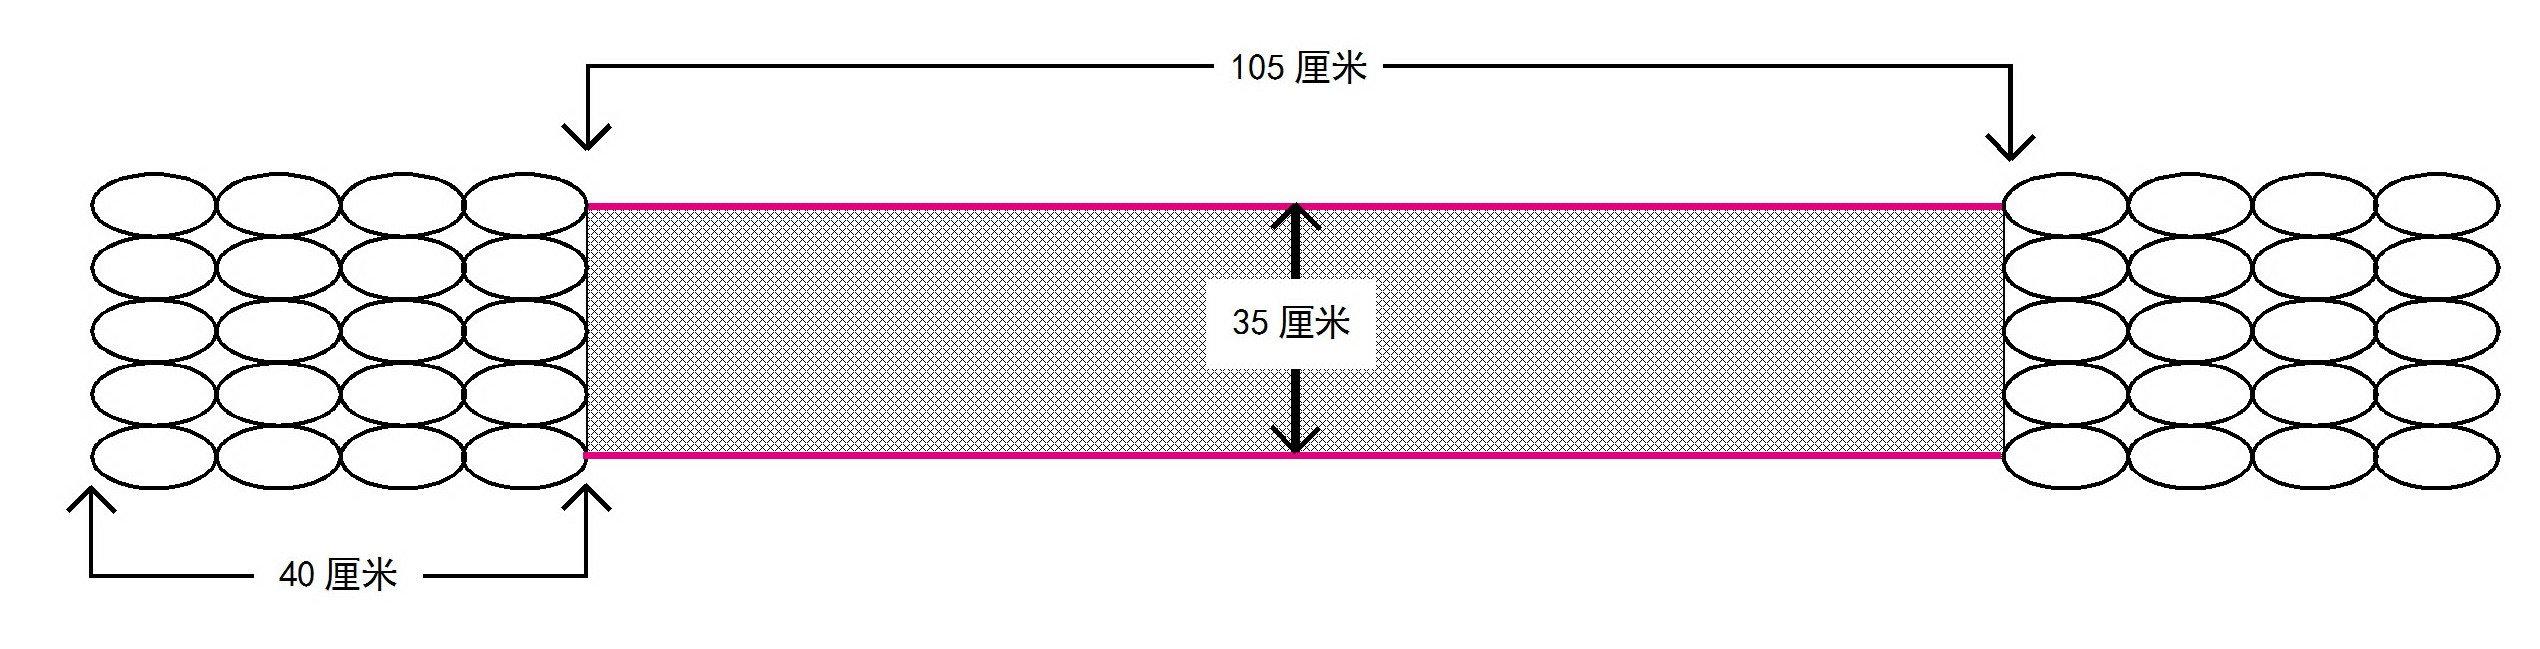 尺寸图 .jpg